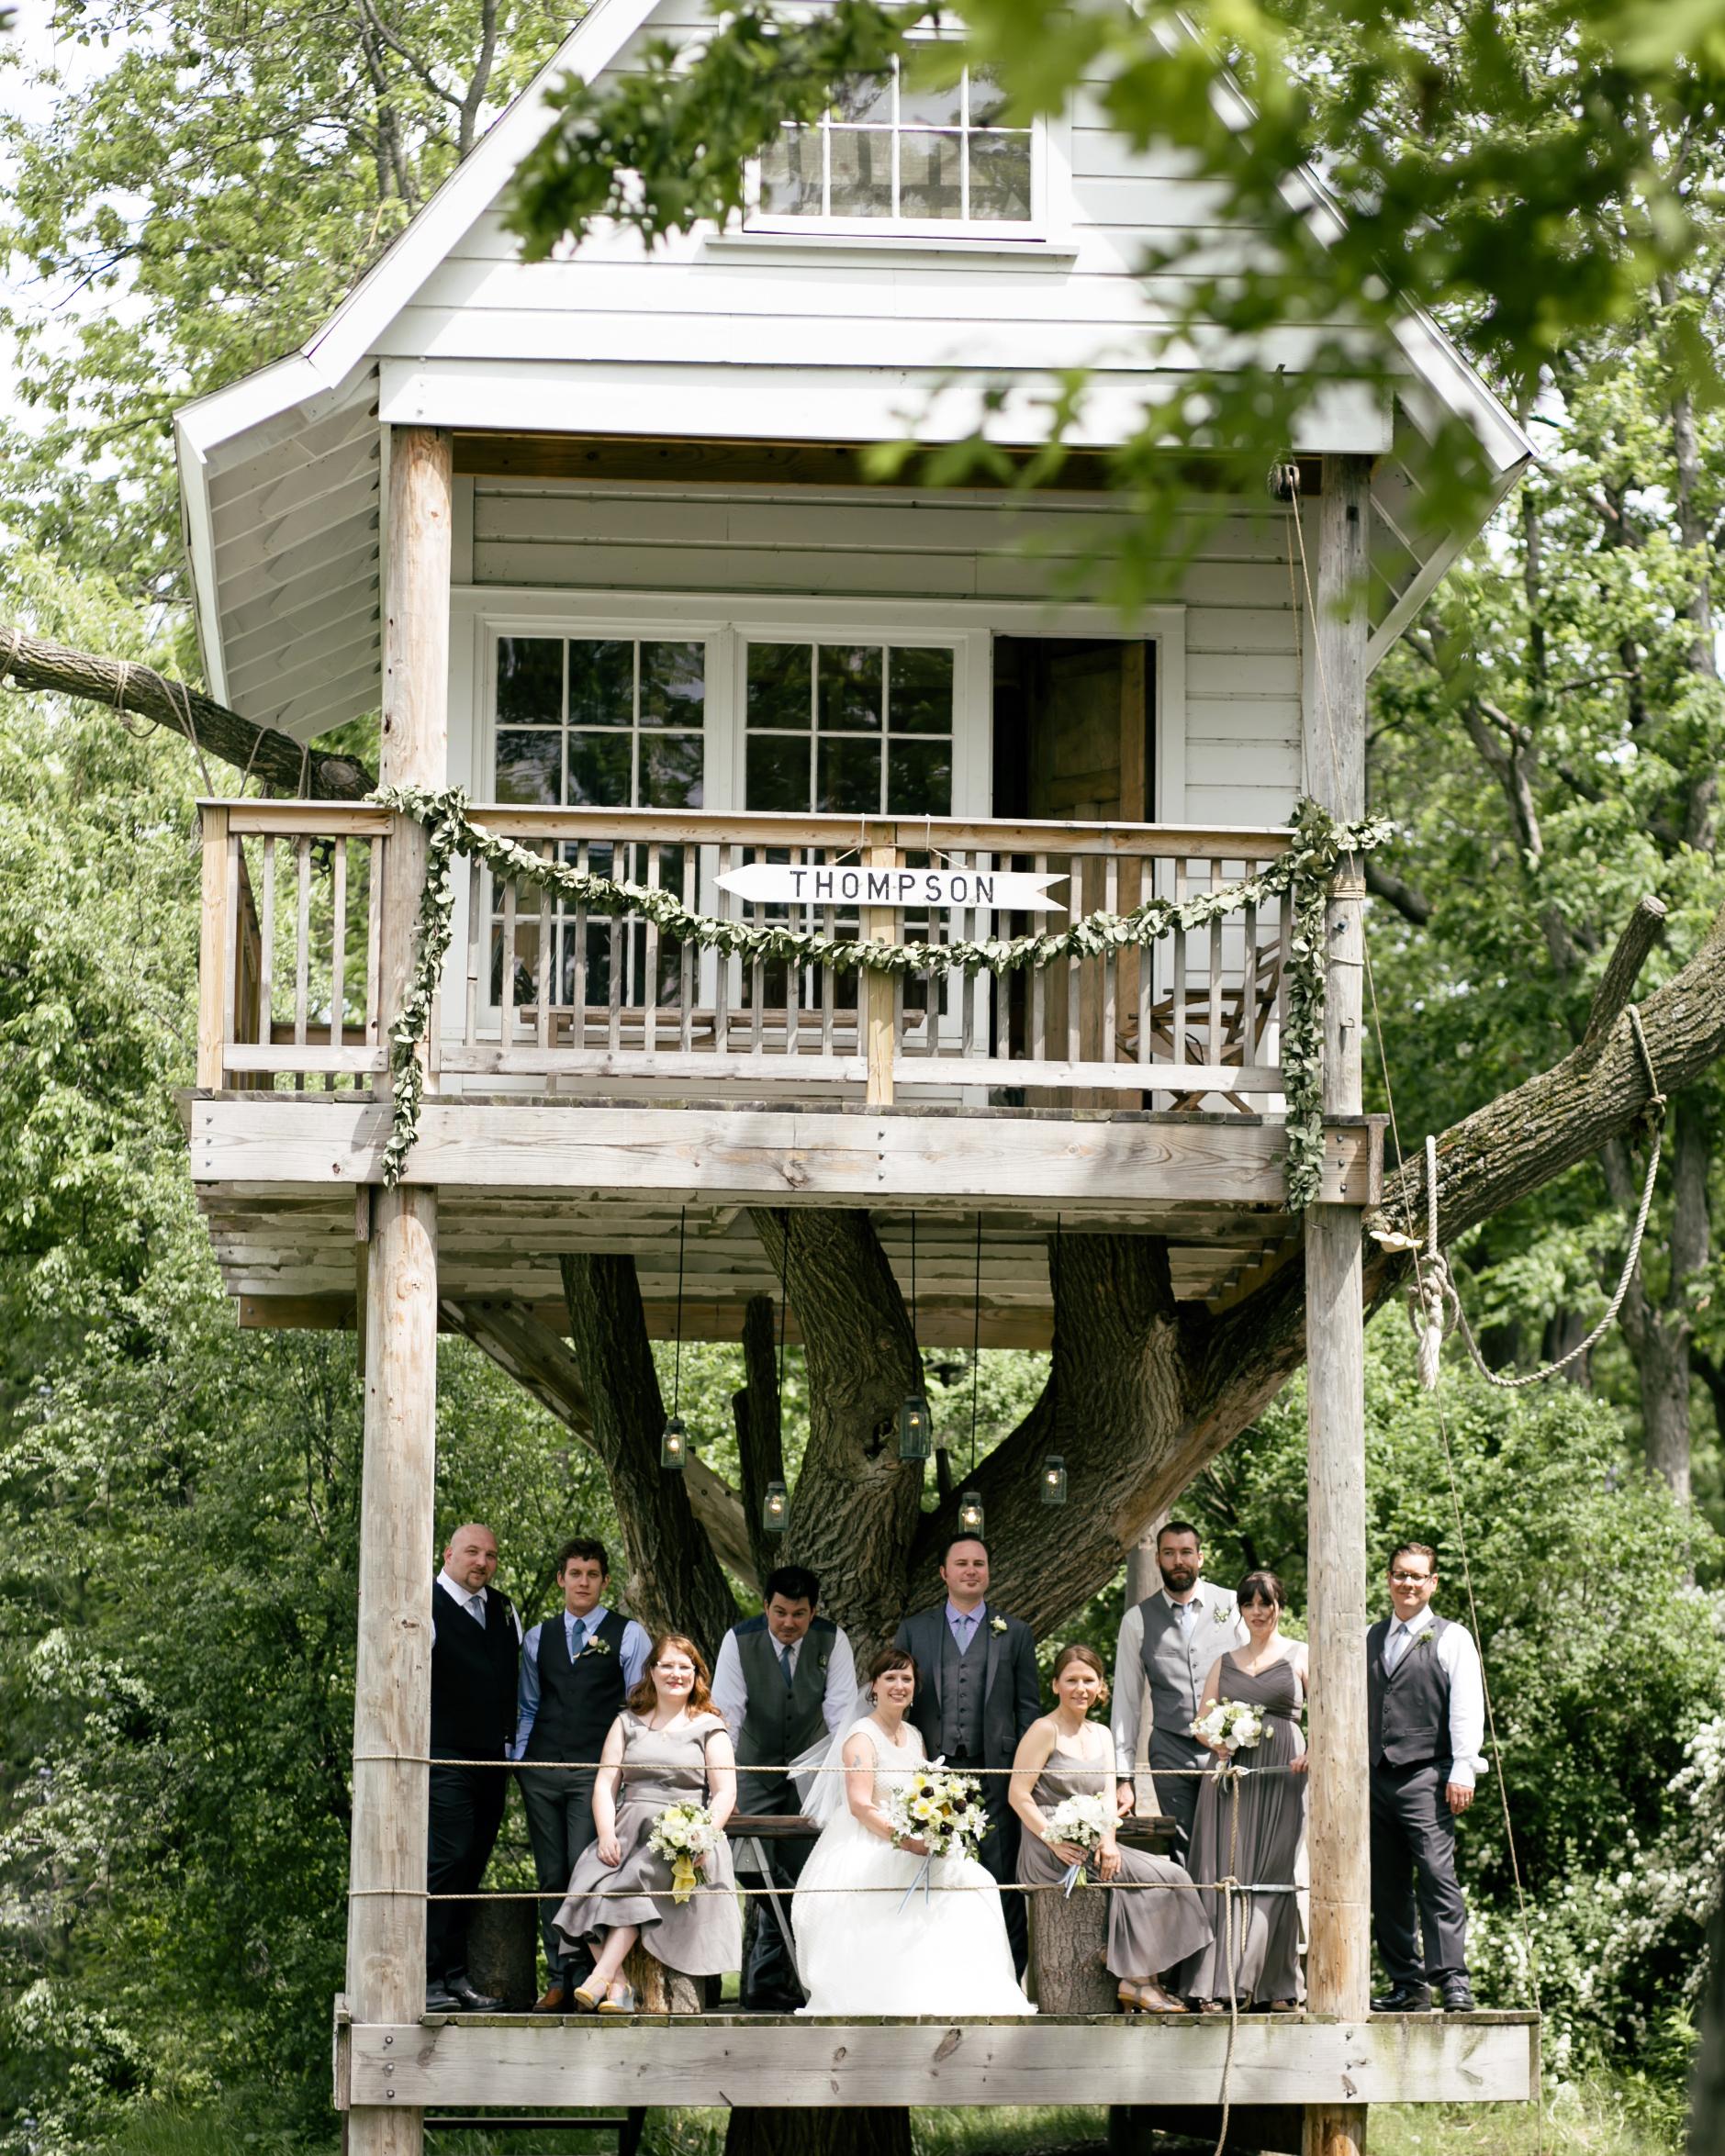 kelly-marie-dave-wedding-bridalparty2-0414.jpg